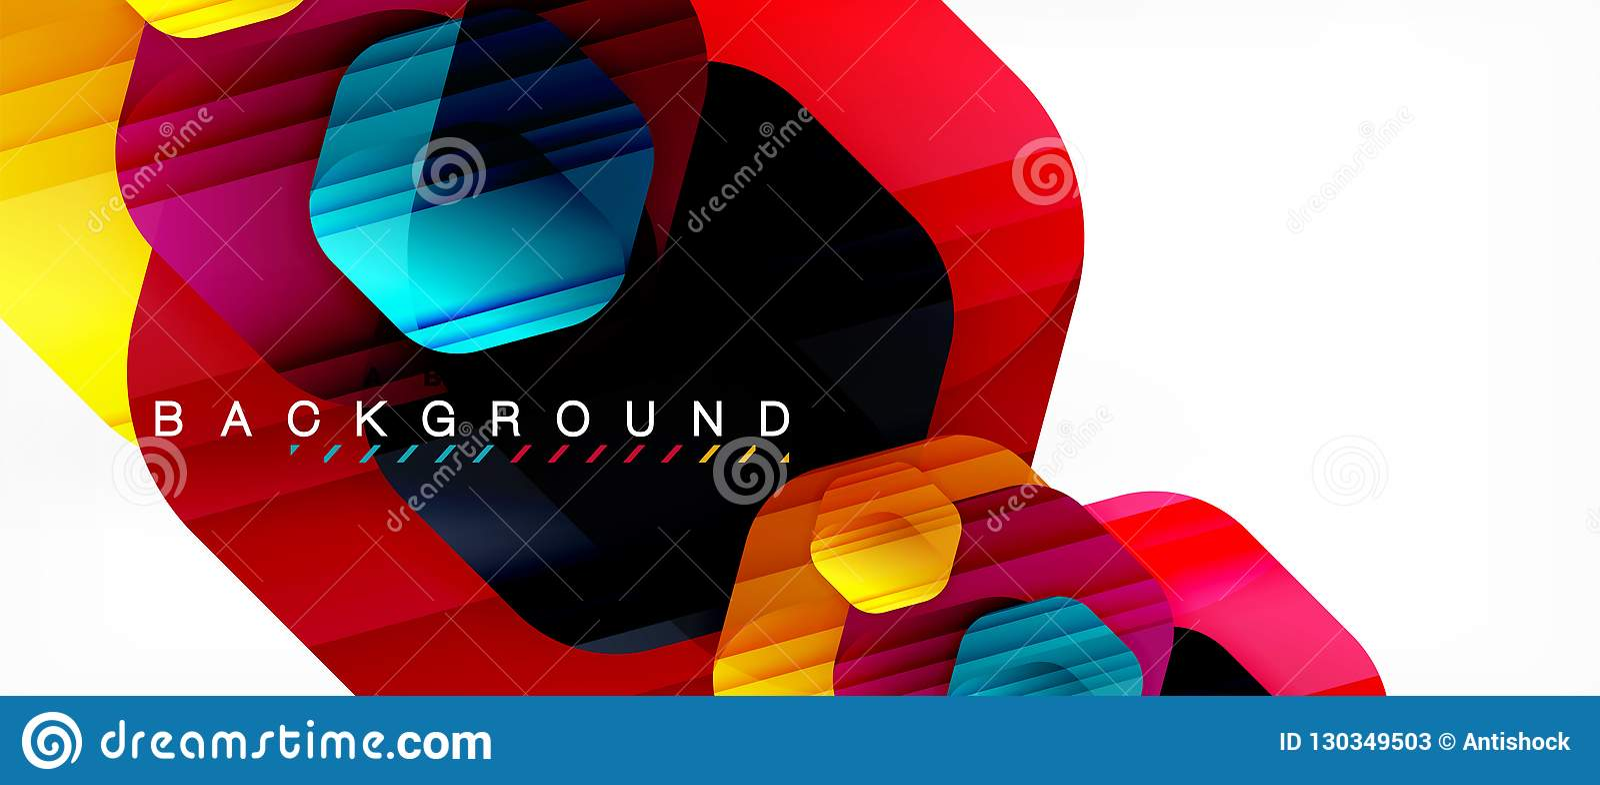 Στιλπνό hexagons χρώματος σύγχρονο υπόβαθρο σύνθεσης, λαμπρό σχέδιο γυαλιού